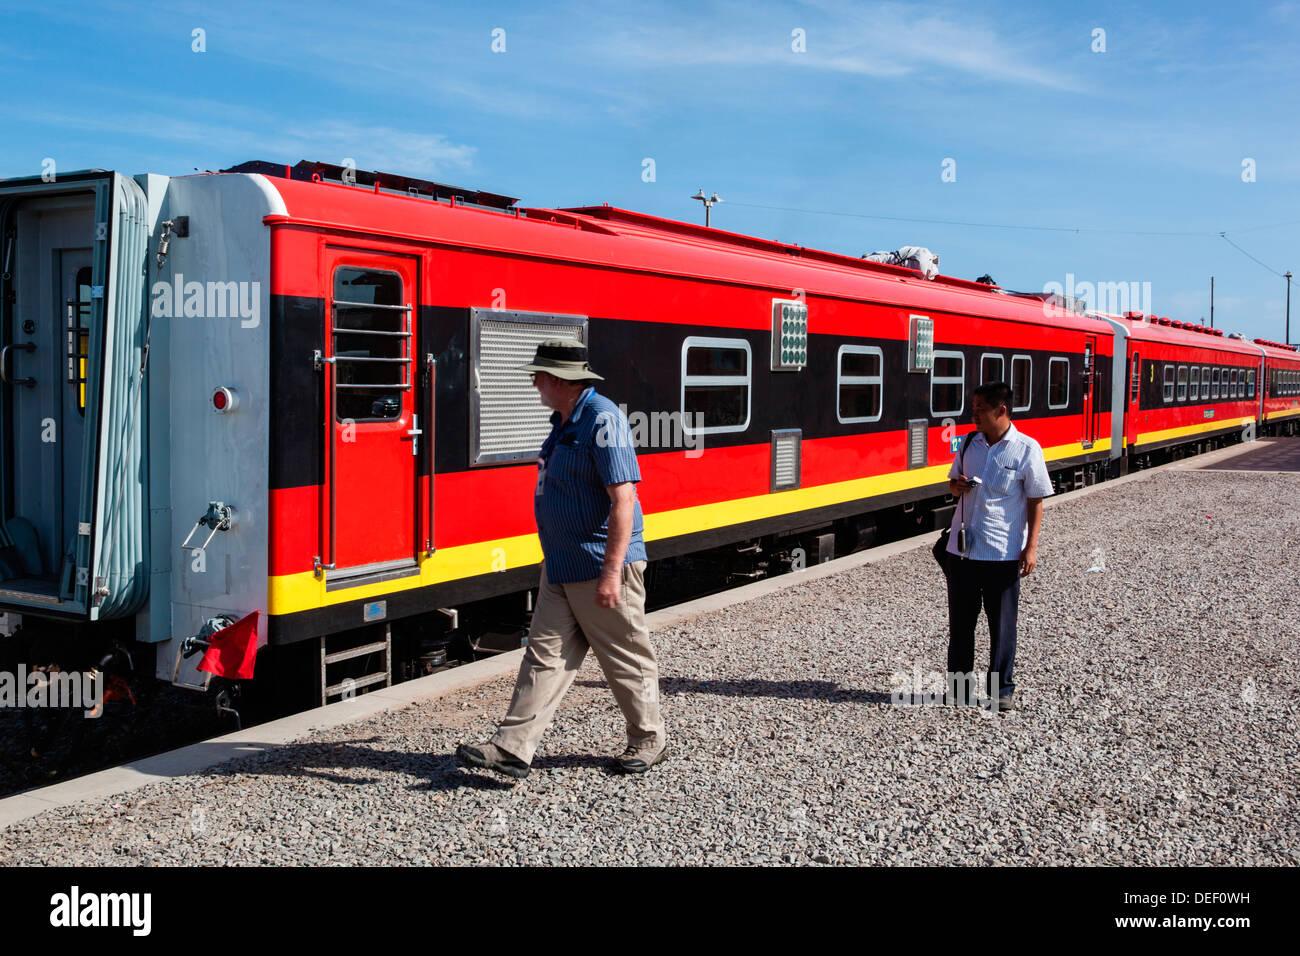 L'Afrique, l'Angola, Luanda. Les hommes debout à côté de train. Banque D'Images